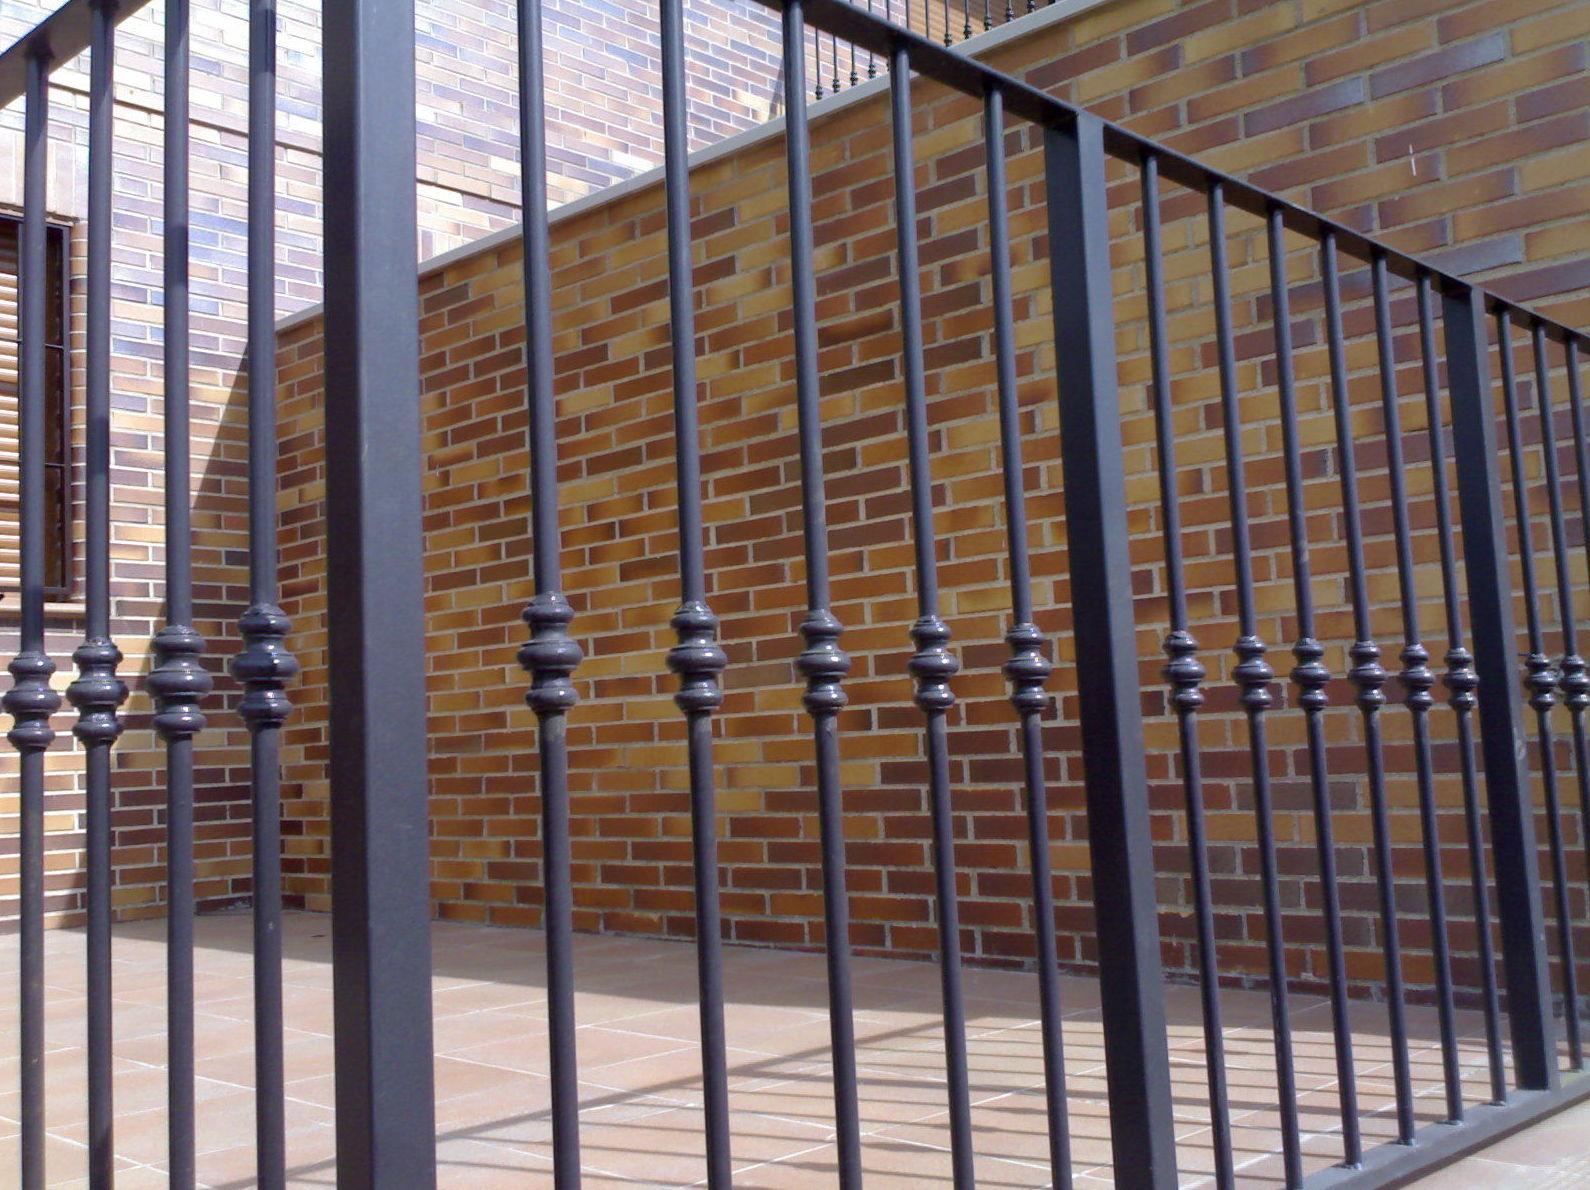 Barandilla de hierro con macolla: Catálogo aluminio y cerrajería de ...